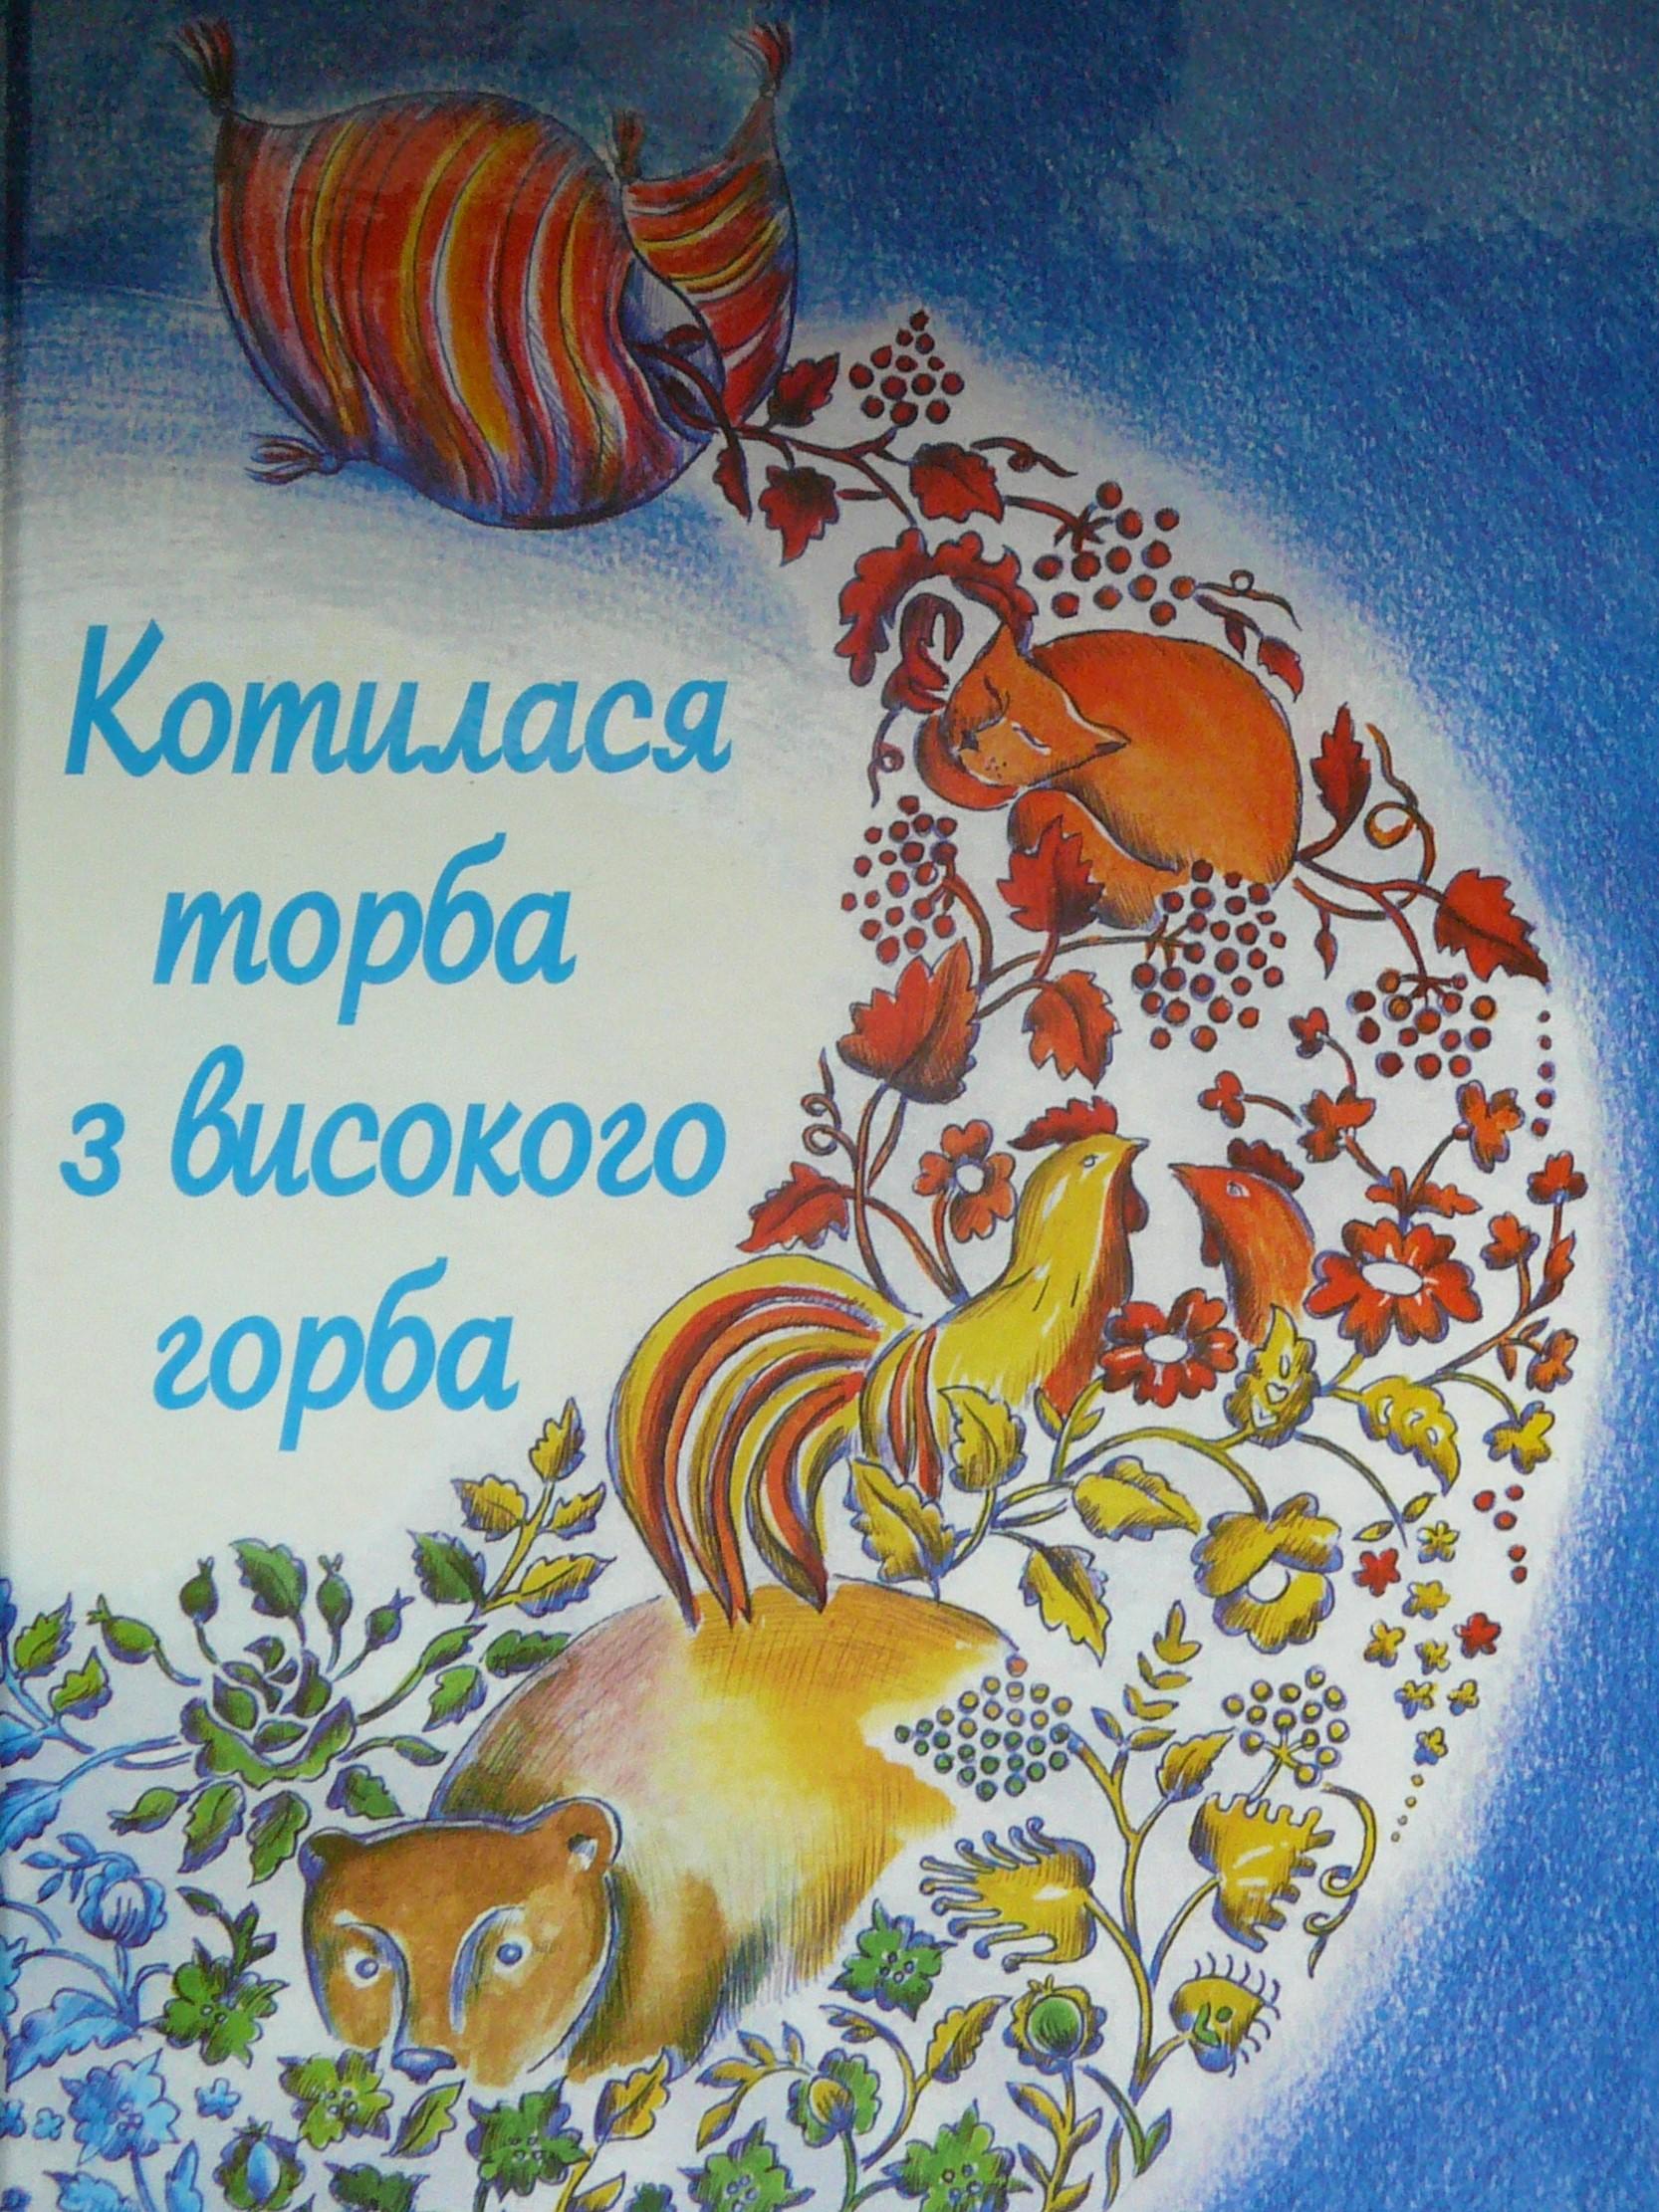 Дитячий фольклор у книжці Анни Артем'юк «Котилася торба з високого горба»